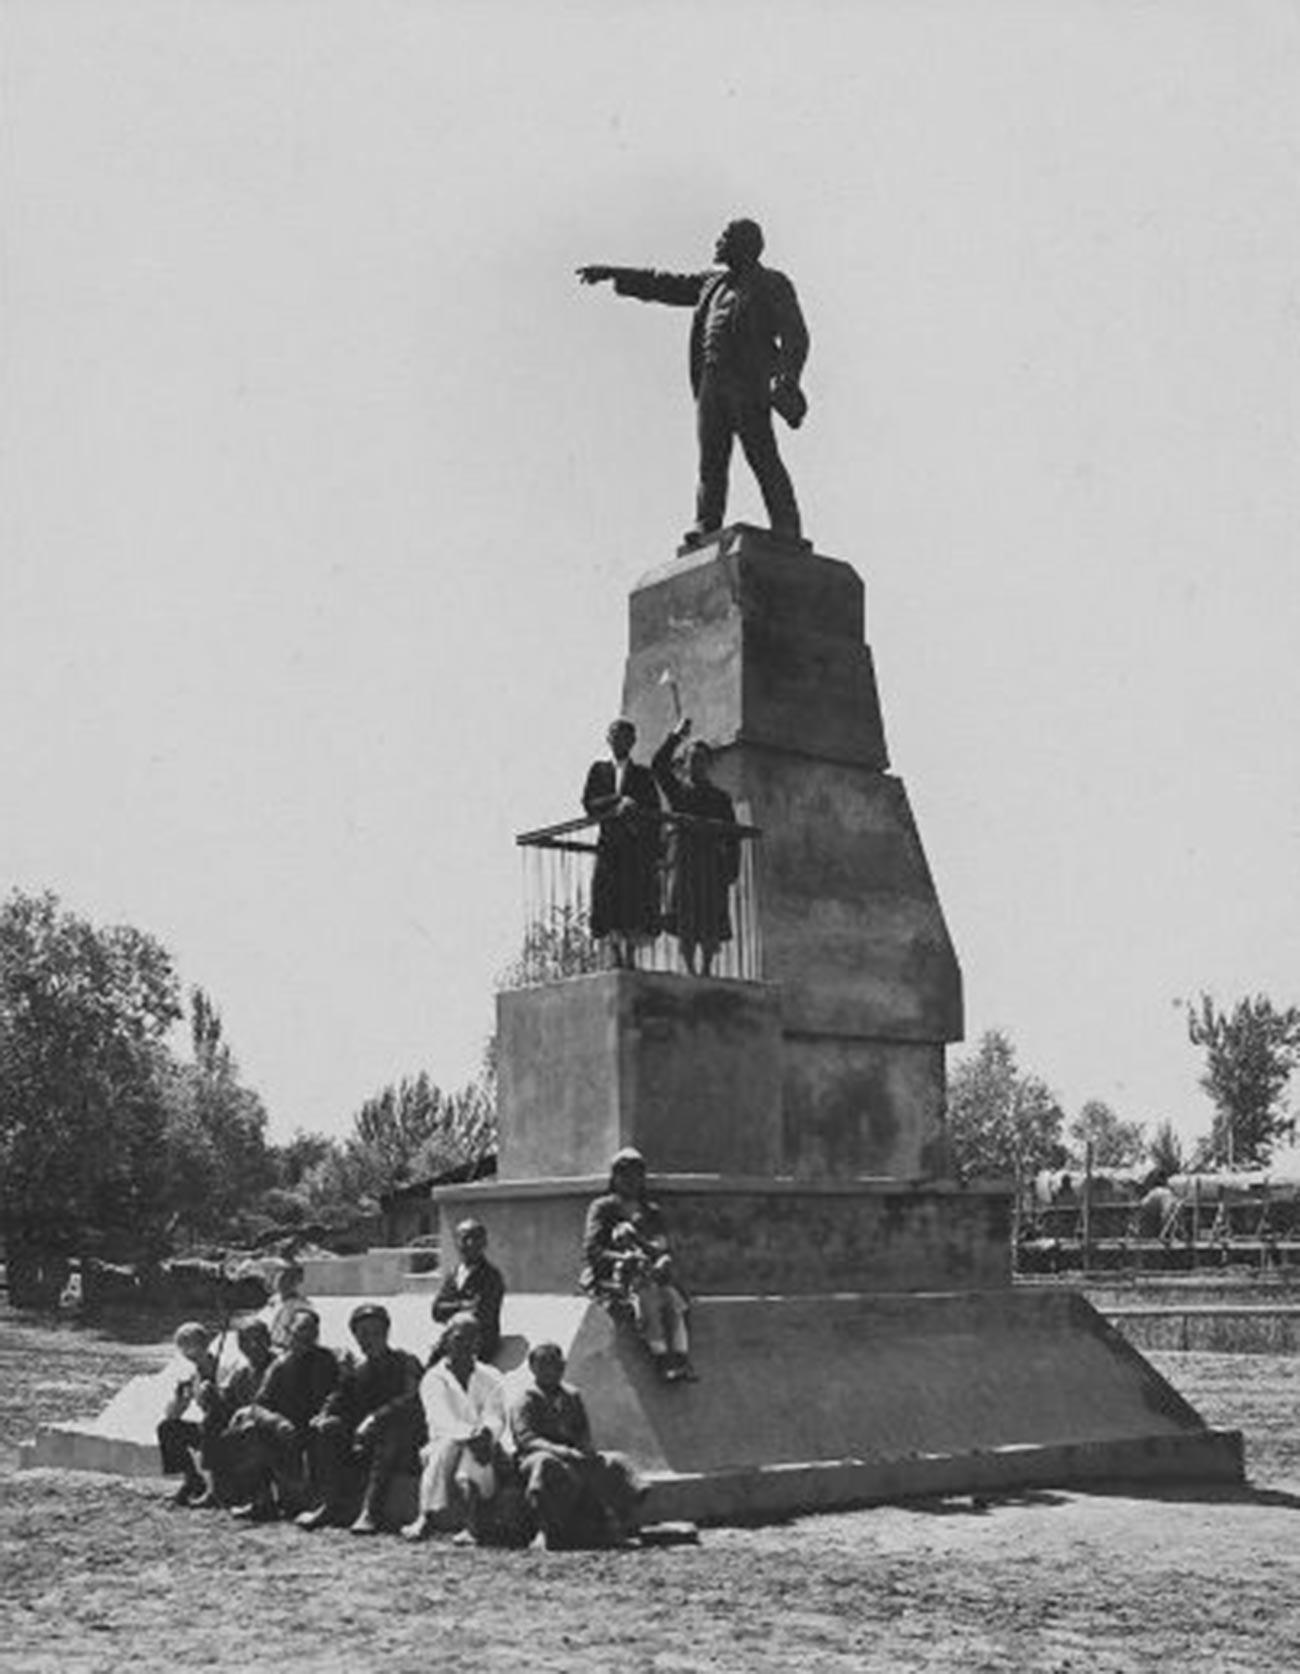 Памятник Владимиру Ленину, Узбекская ССР, г. Андижан, 1930-е.